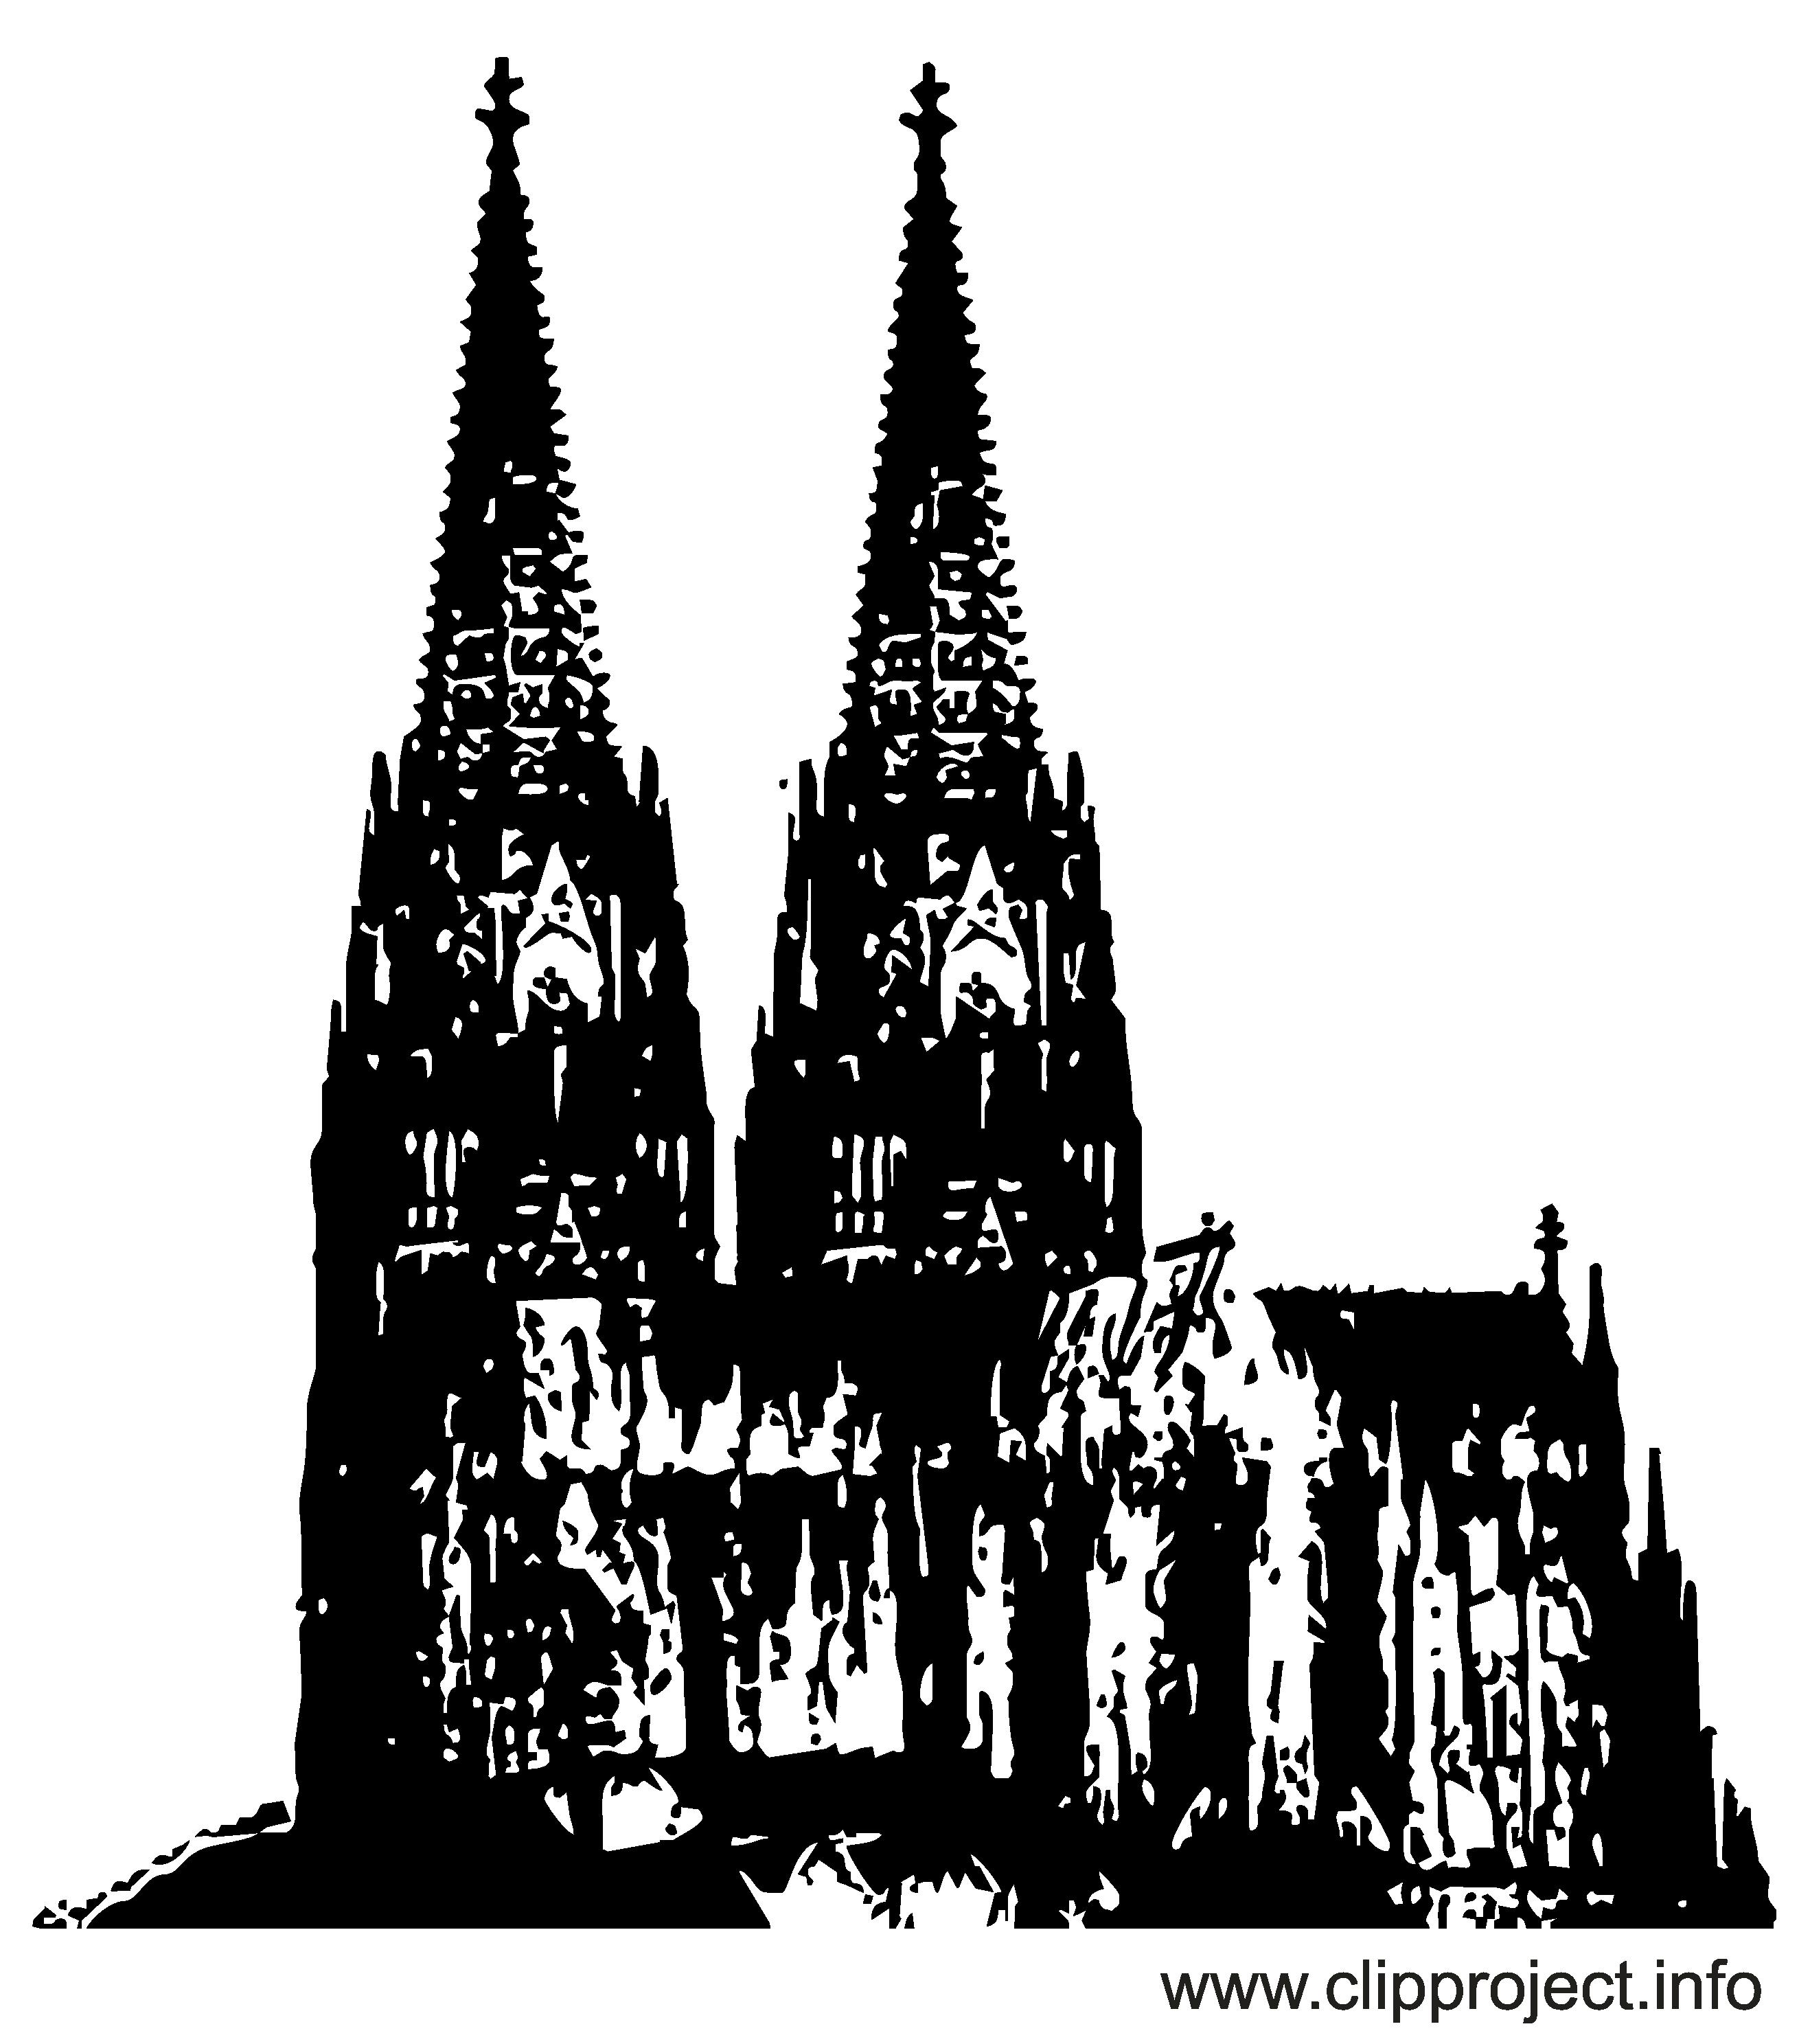 Köln Clipart.